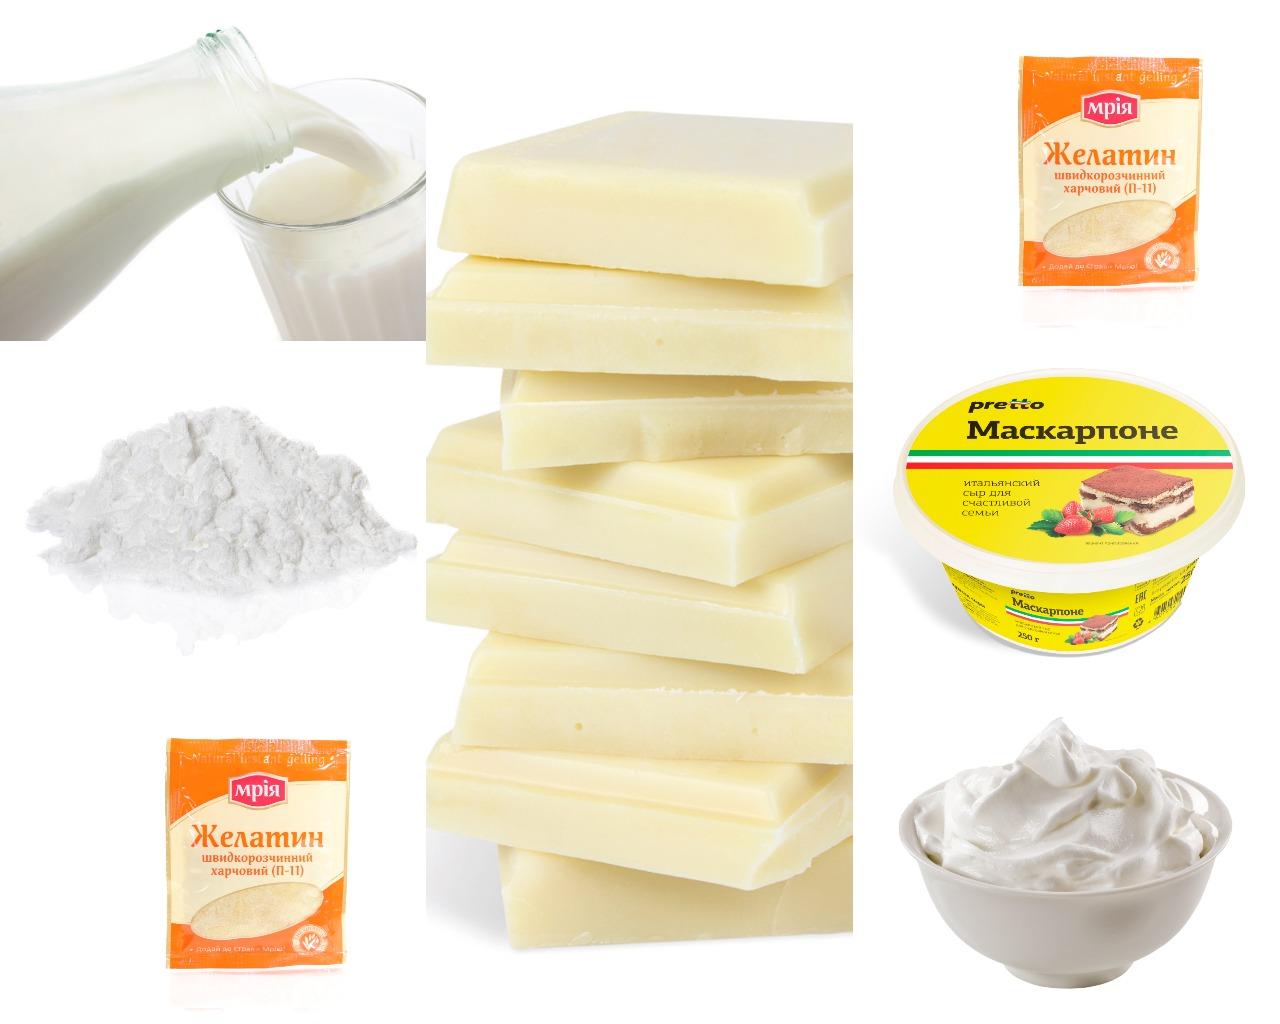 Ингредиенты для шоколадного крема с маскарпоне и желатином